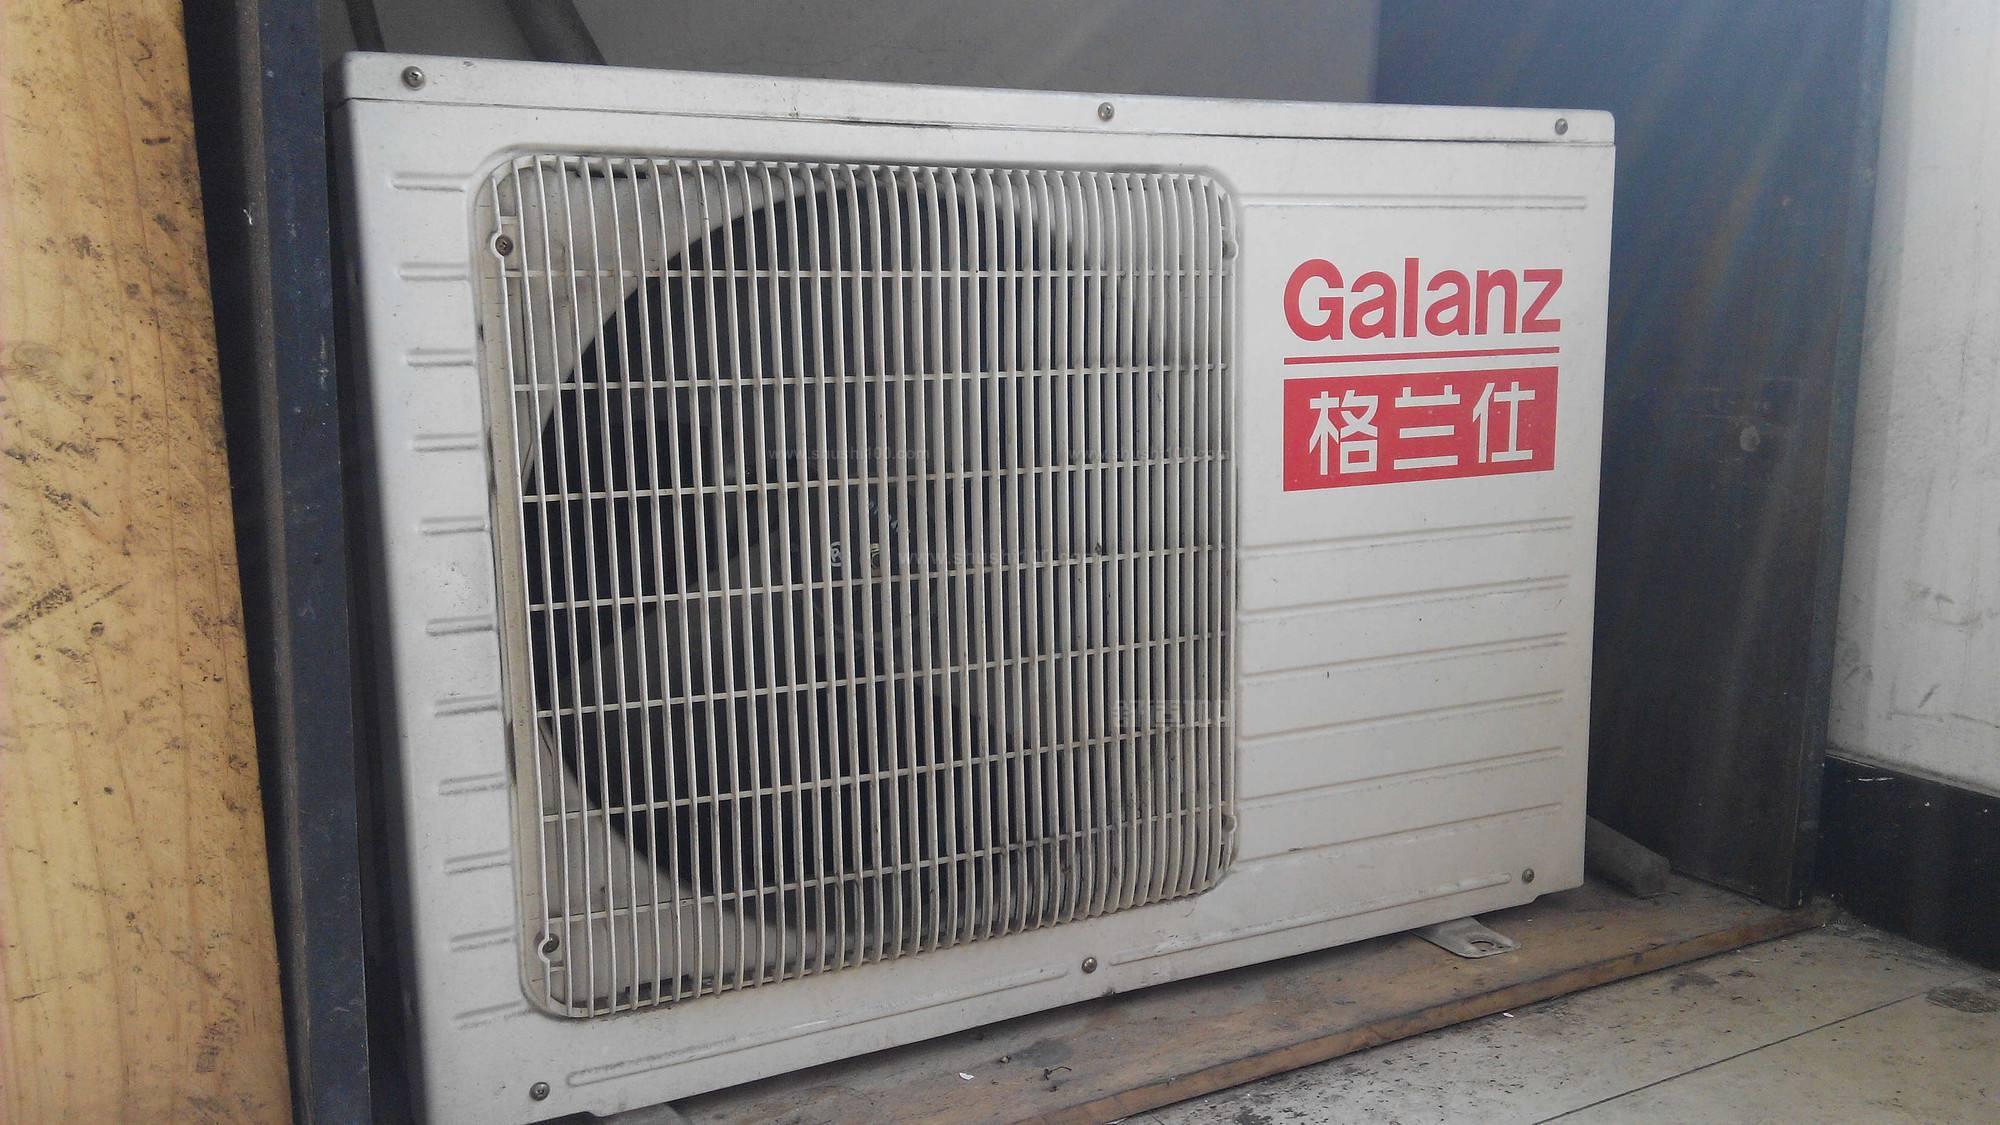 空调外机不工作 空调外机不工作的原因介绍图片 291181 2000x1125